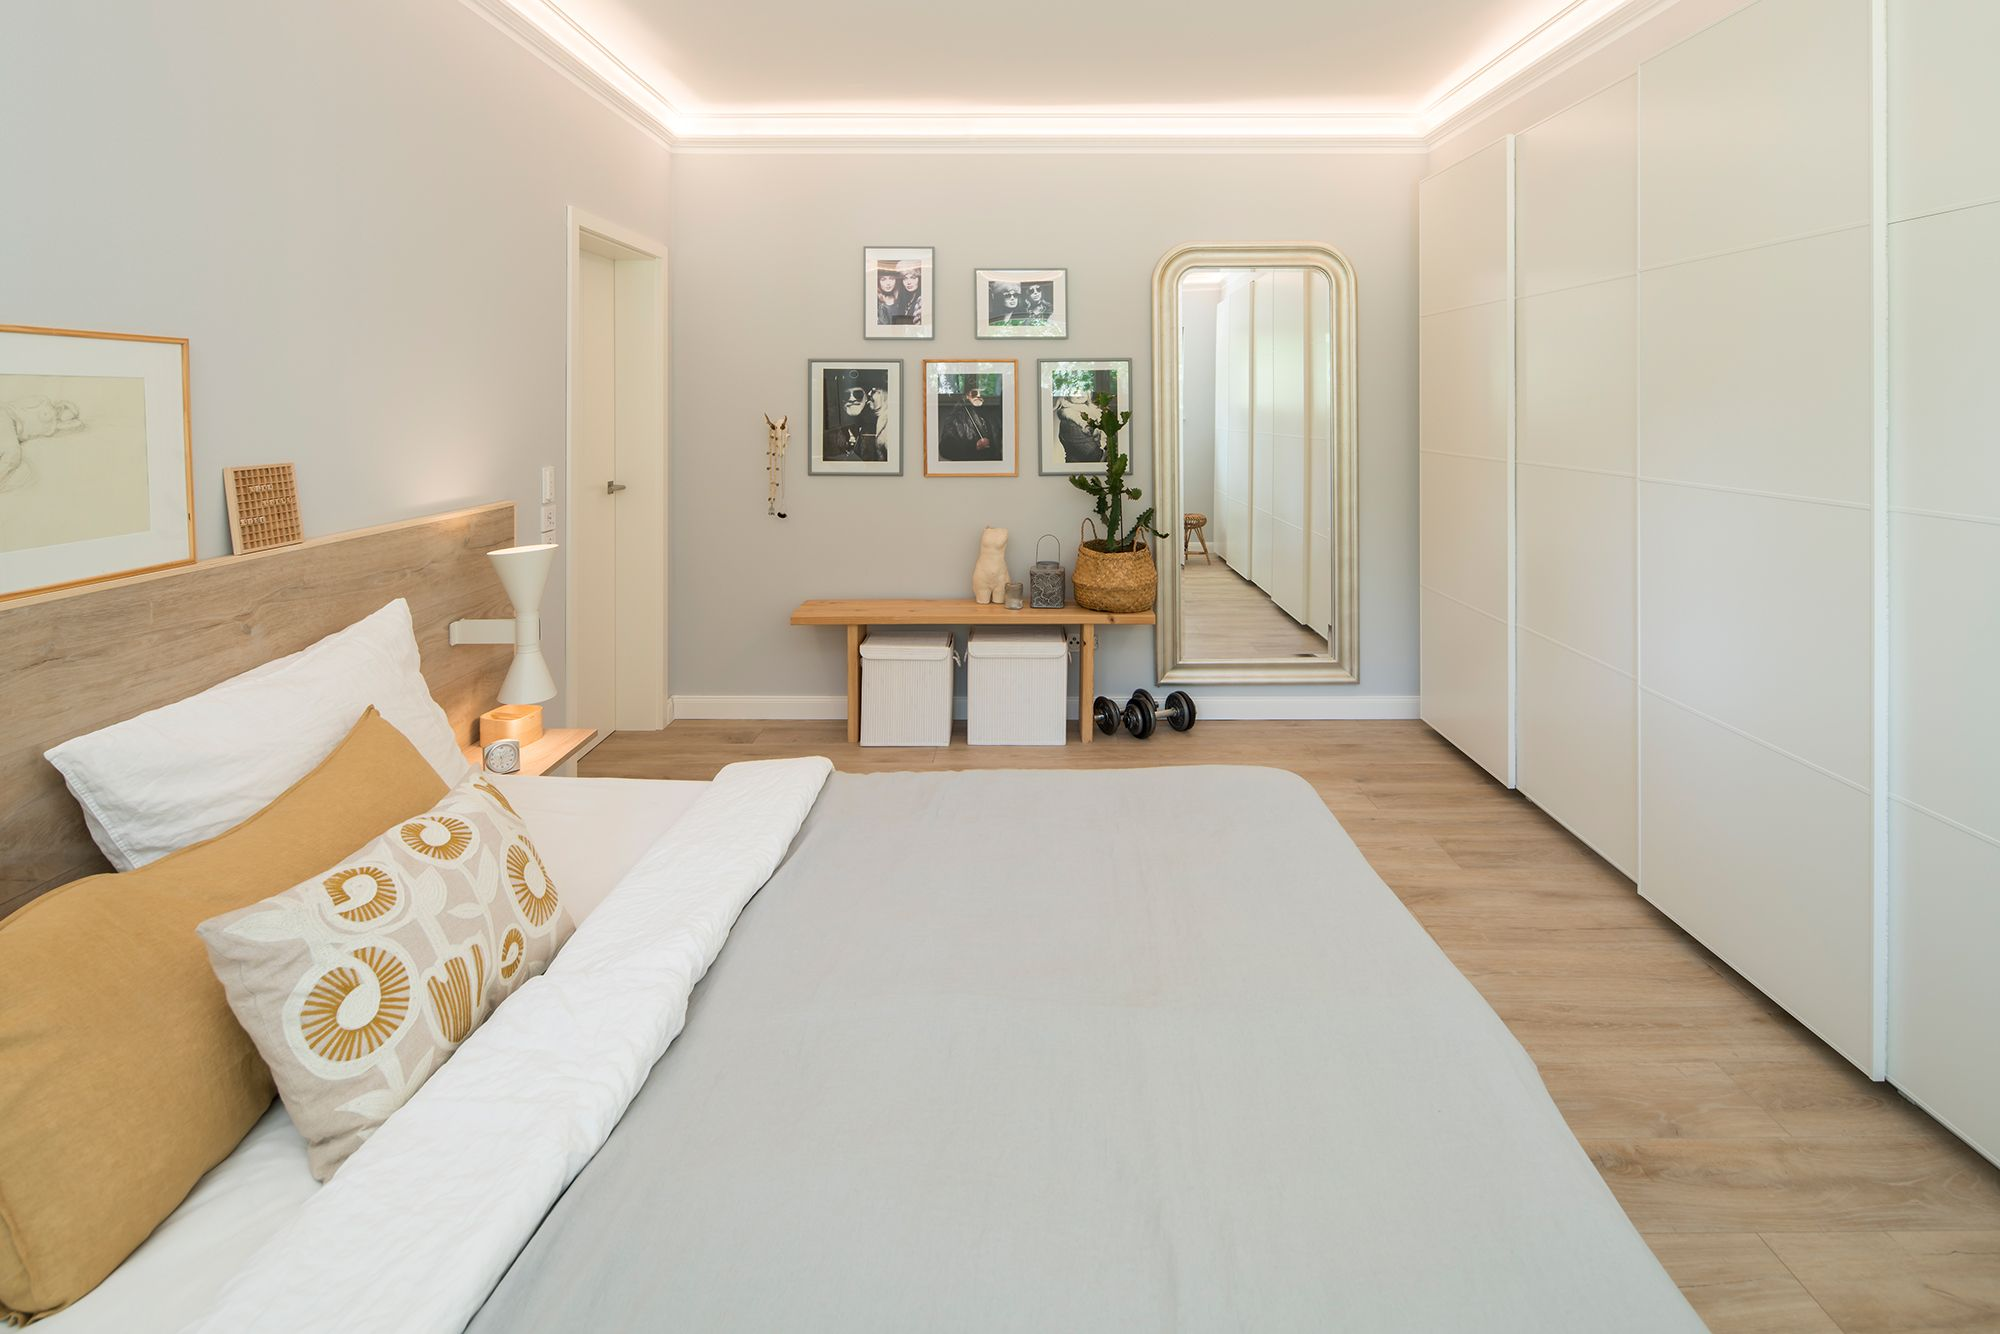 Fertighaus Wohnideen Schlafzimmer Fertighaus Kaufen Fertighauser Wohnen